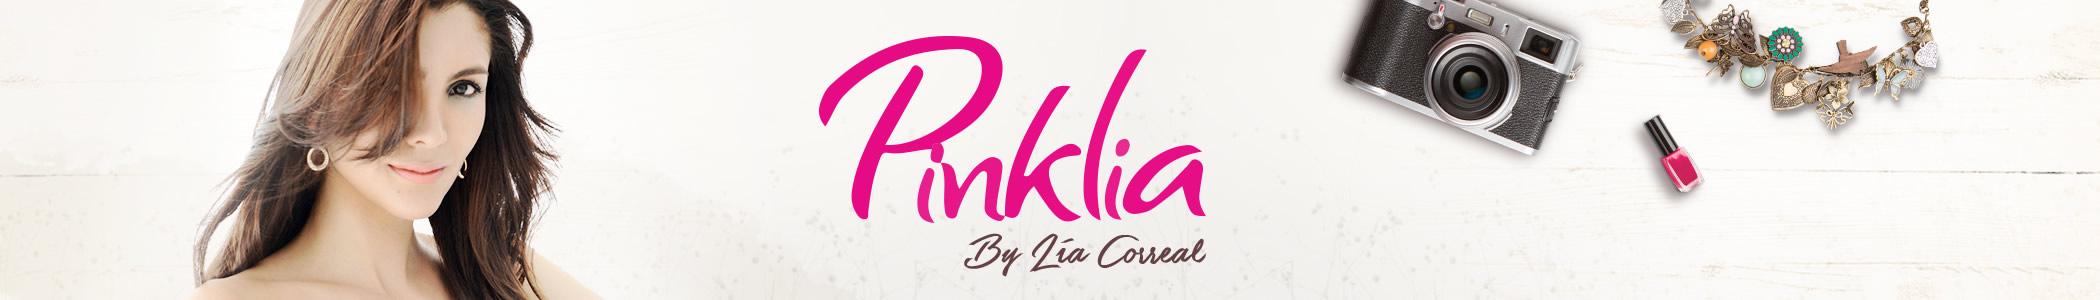 Pinklia Tu Portal Favorito